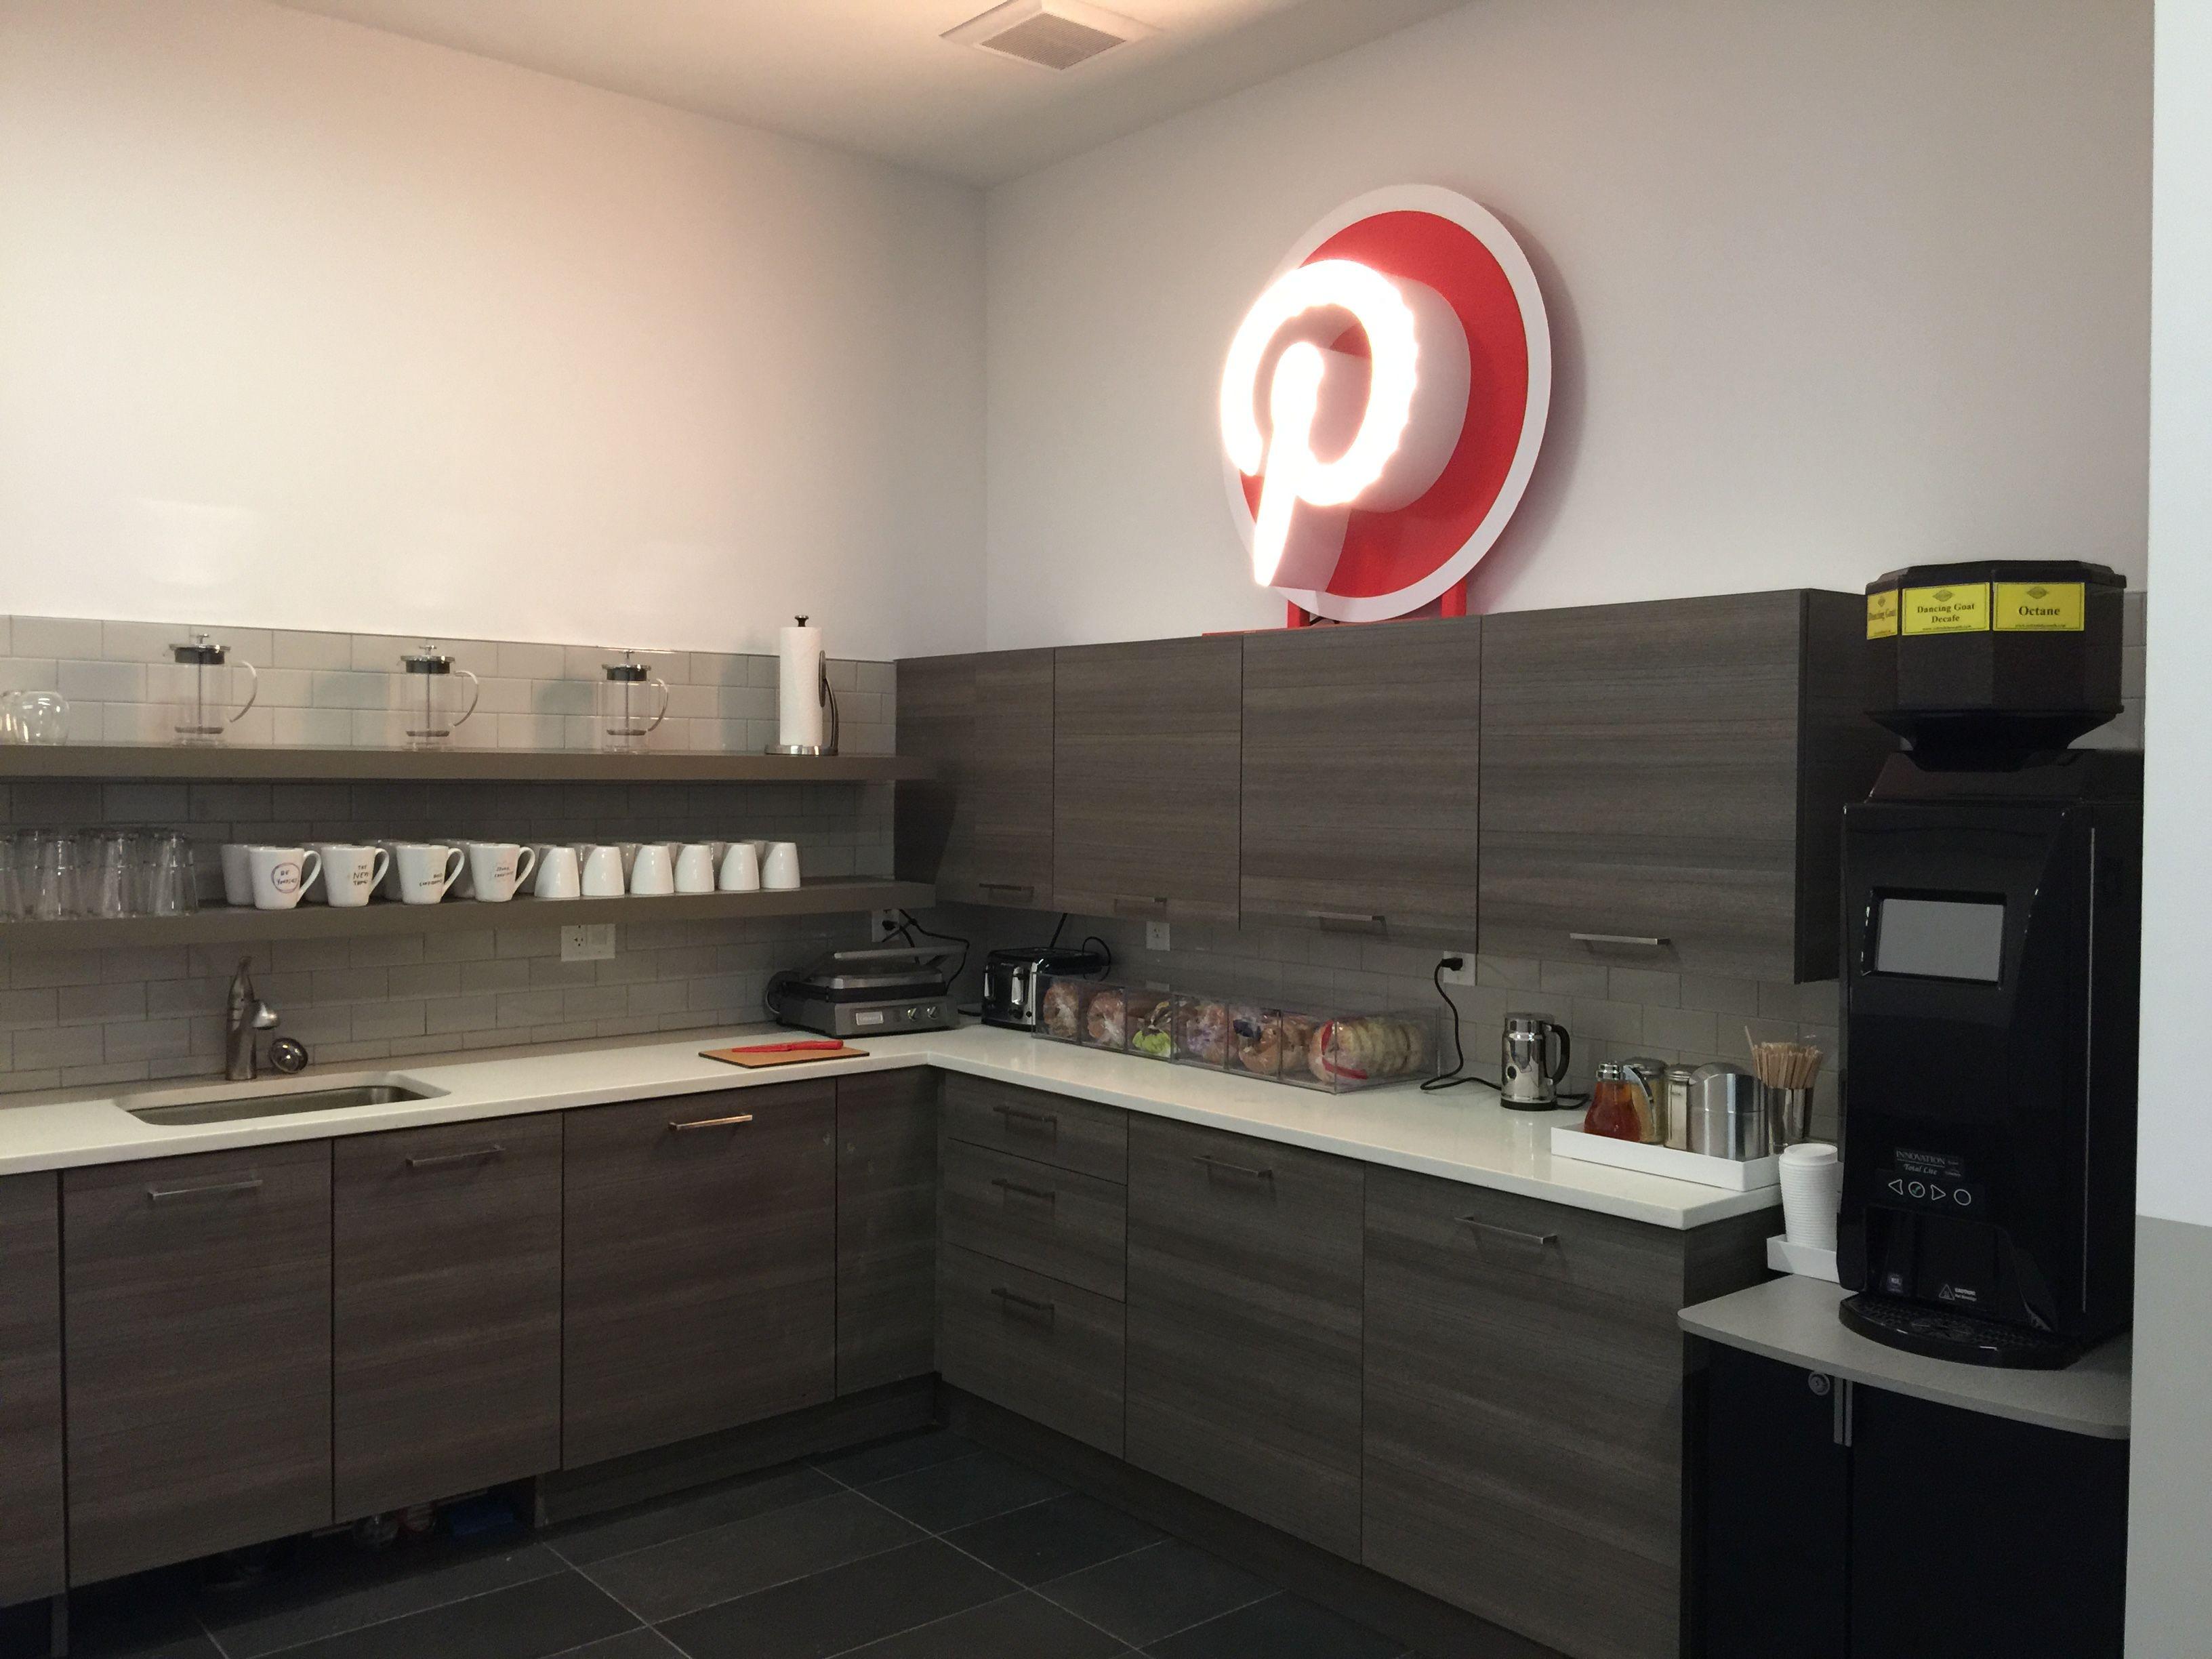 Großartig Kücheneinbauleuchten Platzierung Fotos - Ideen Für Die ...